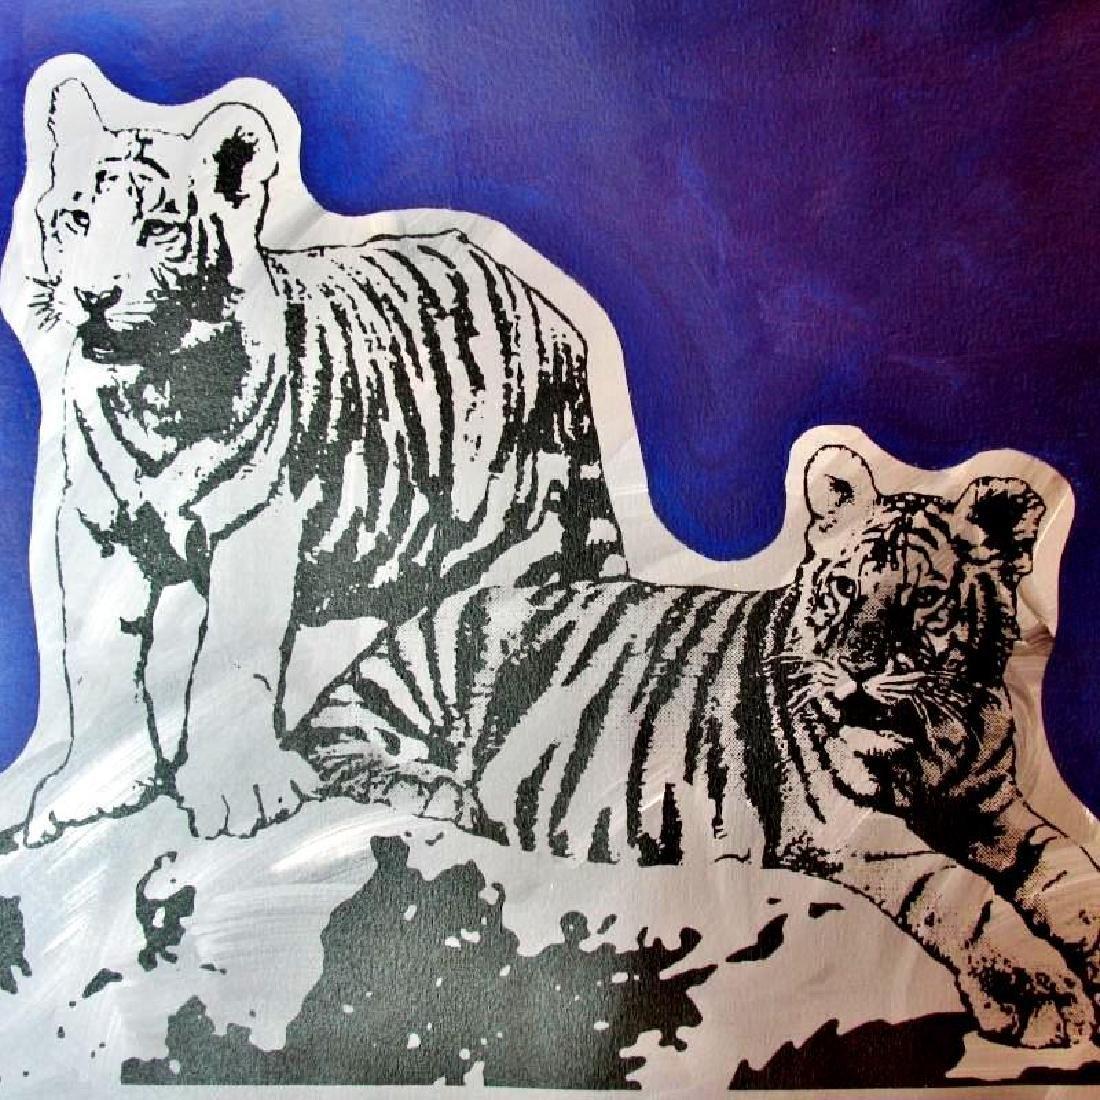 COLORFUL POP ART CANVAS ORIGINAL TIGERS ART SALE ONLY - 3